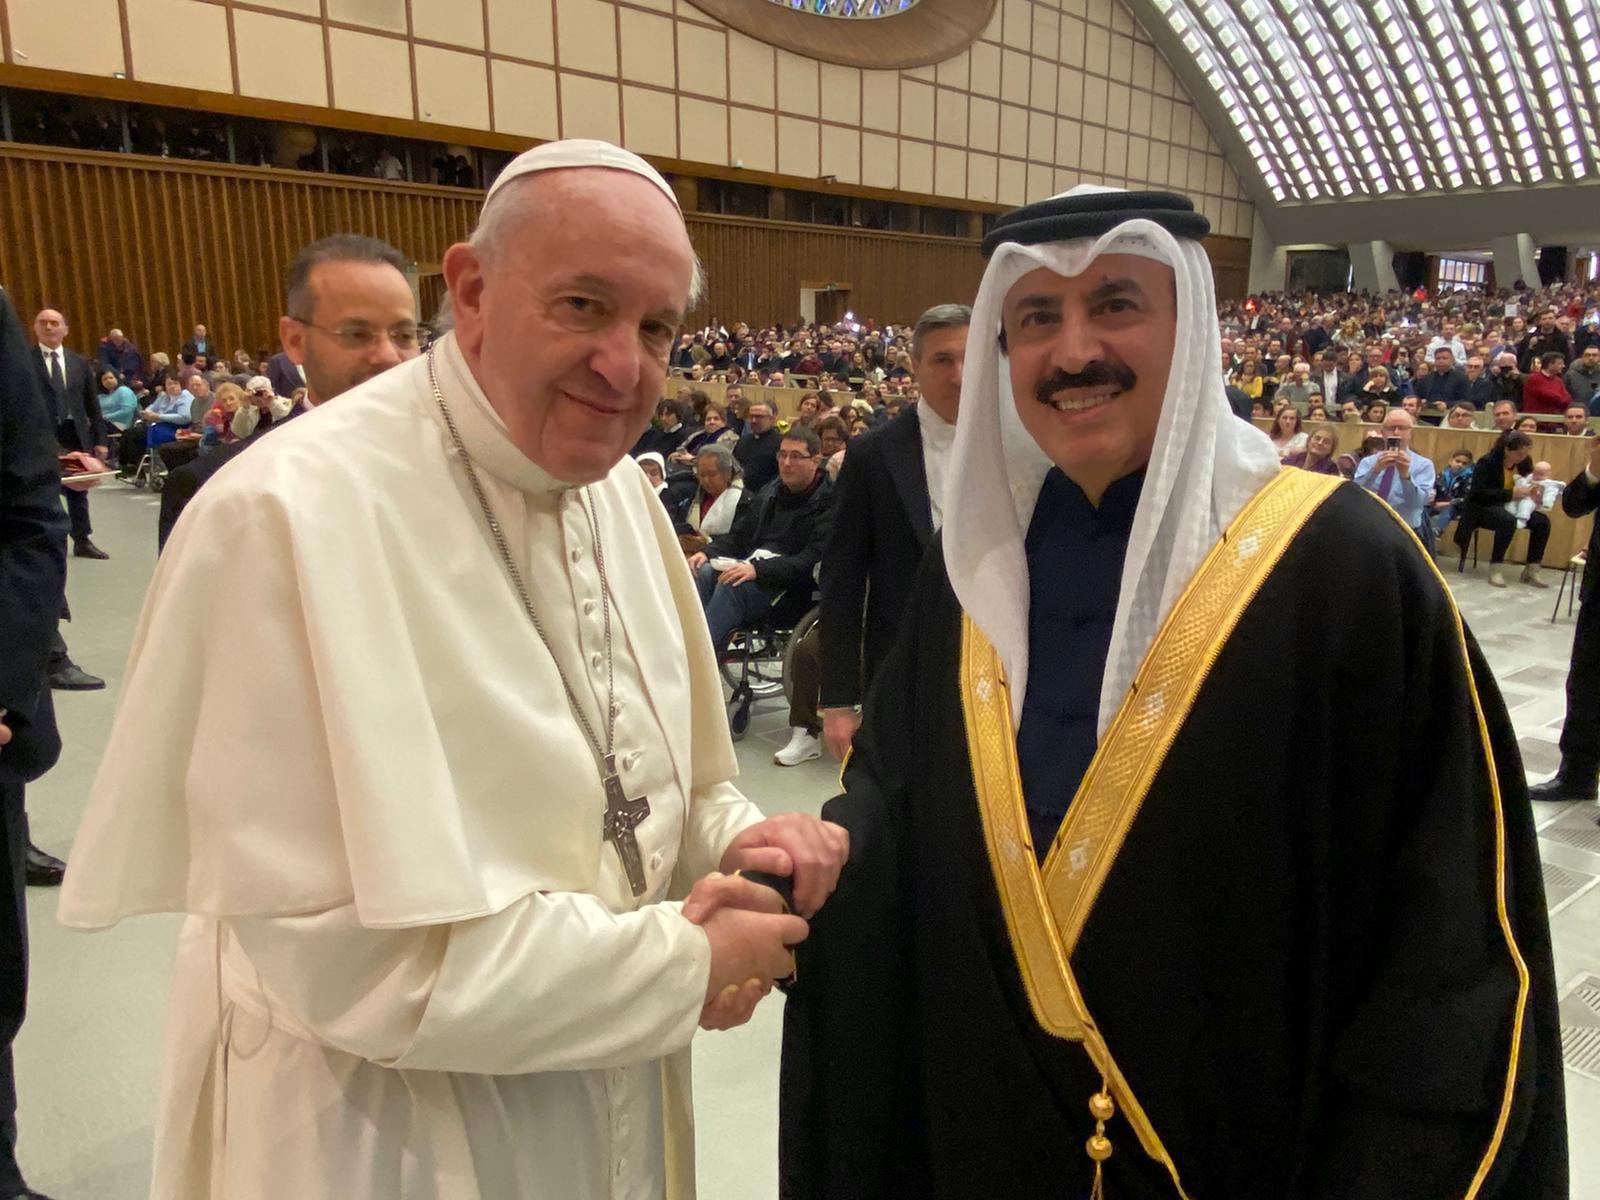 Pope Francis of Vatican Meets Qatar's Ambassador